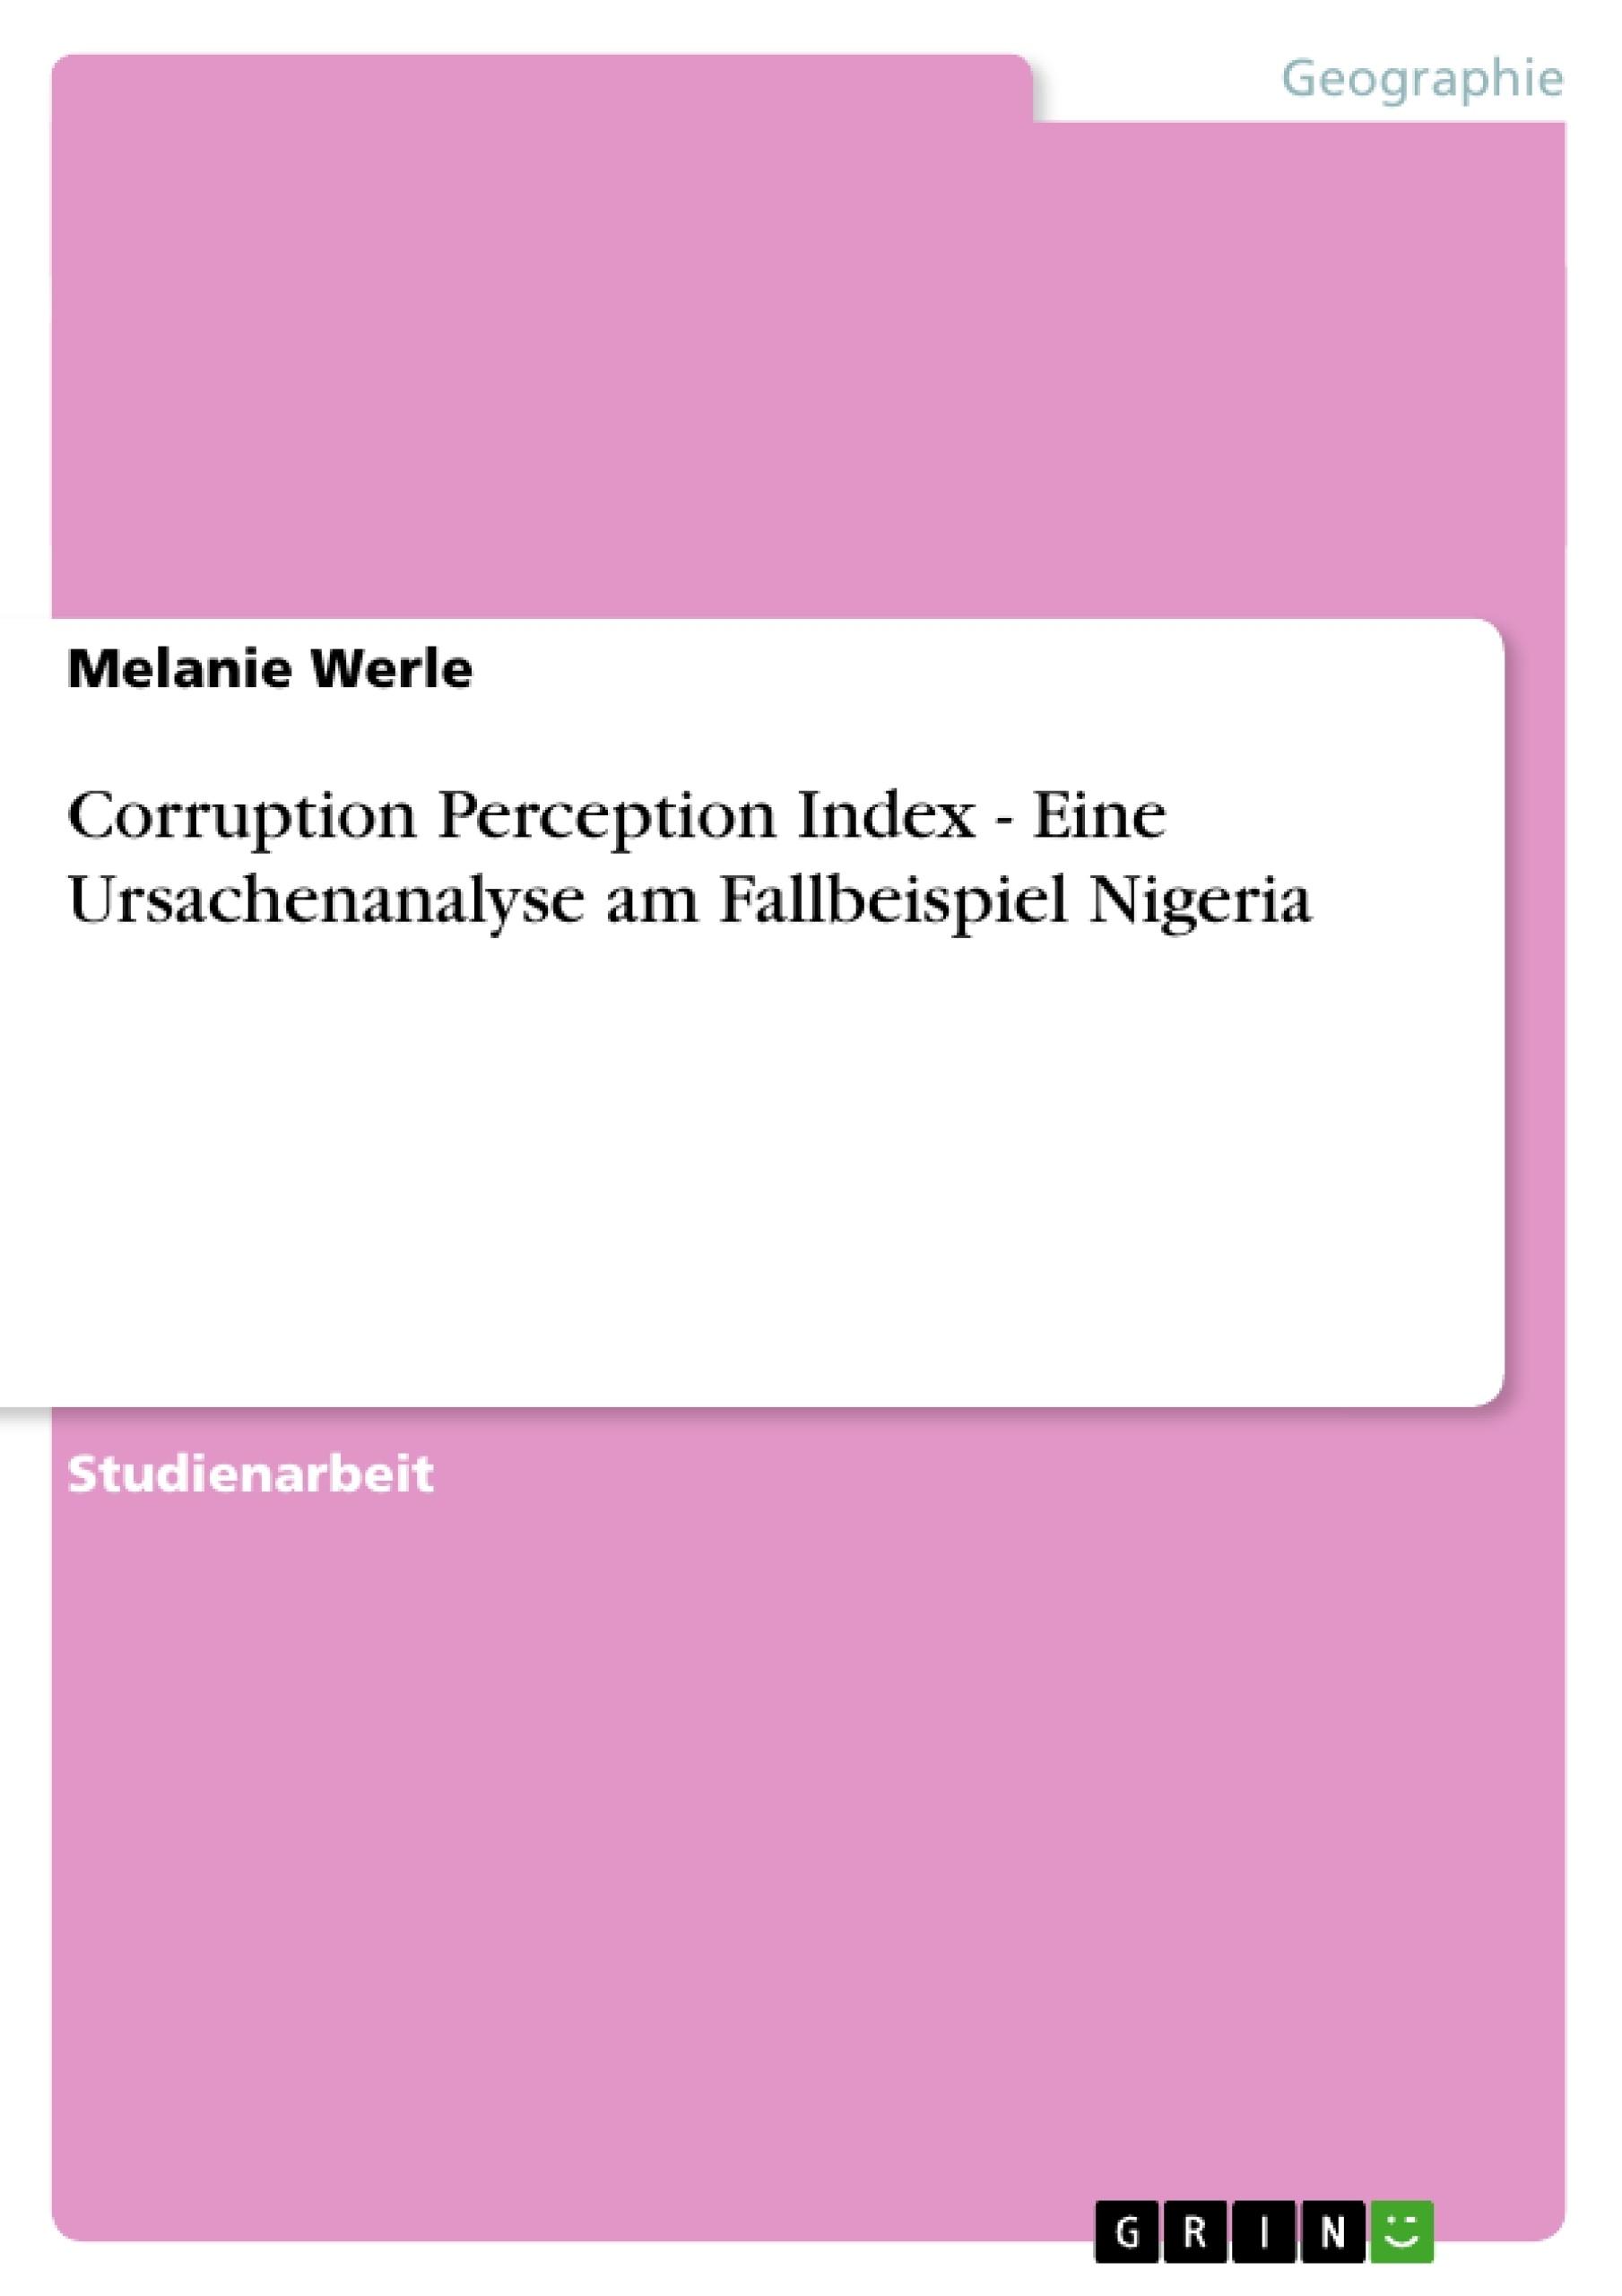 Titel: Corruption Perception Index - Eine Ursachenanalyse am Fallbeispiel Nigeria